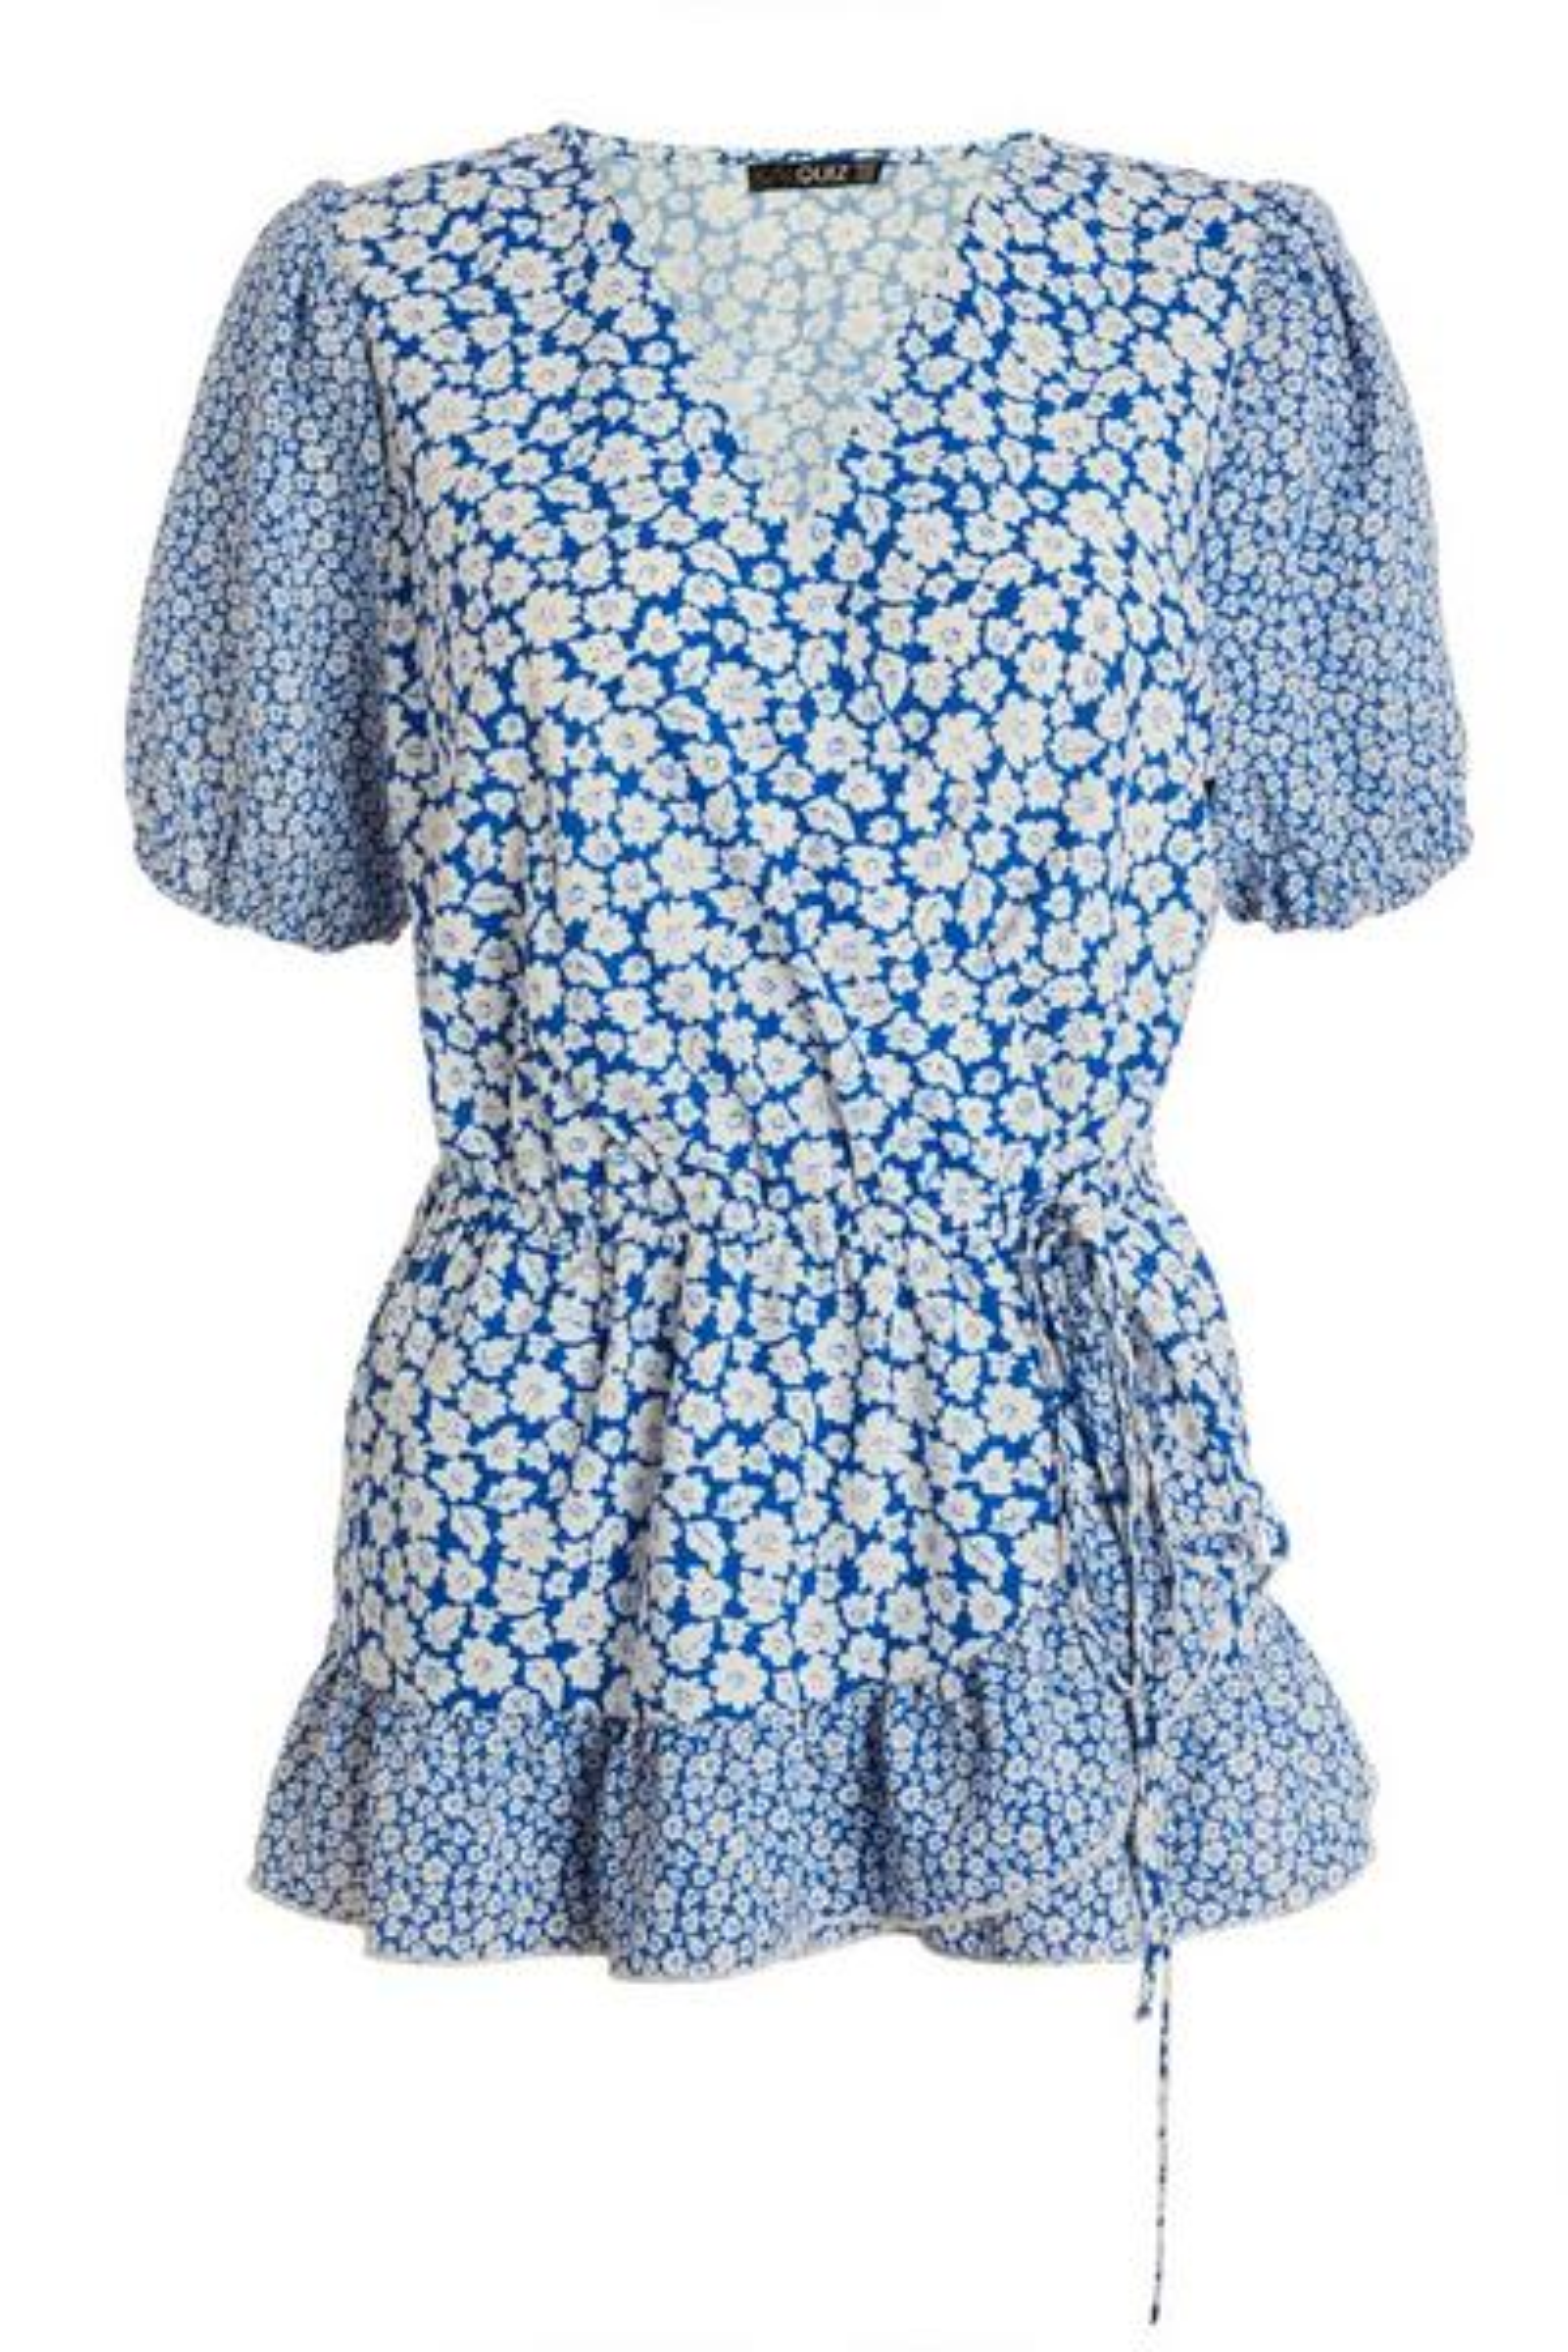 Blue Floral Wrap Top